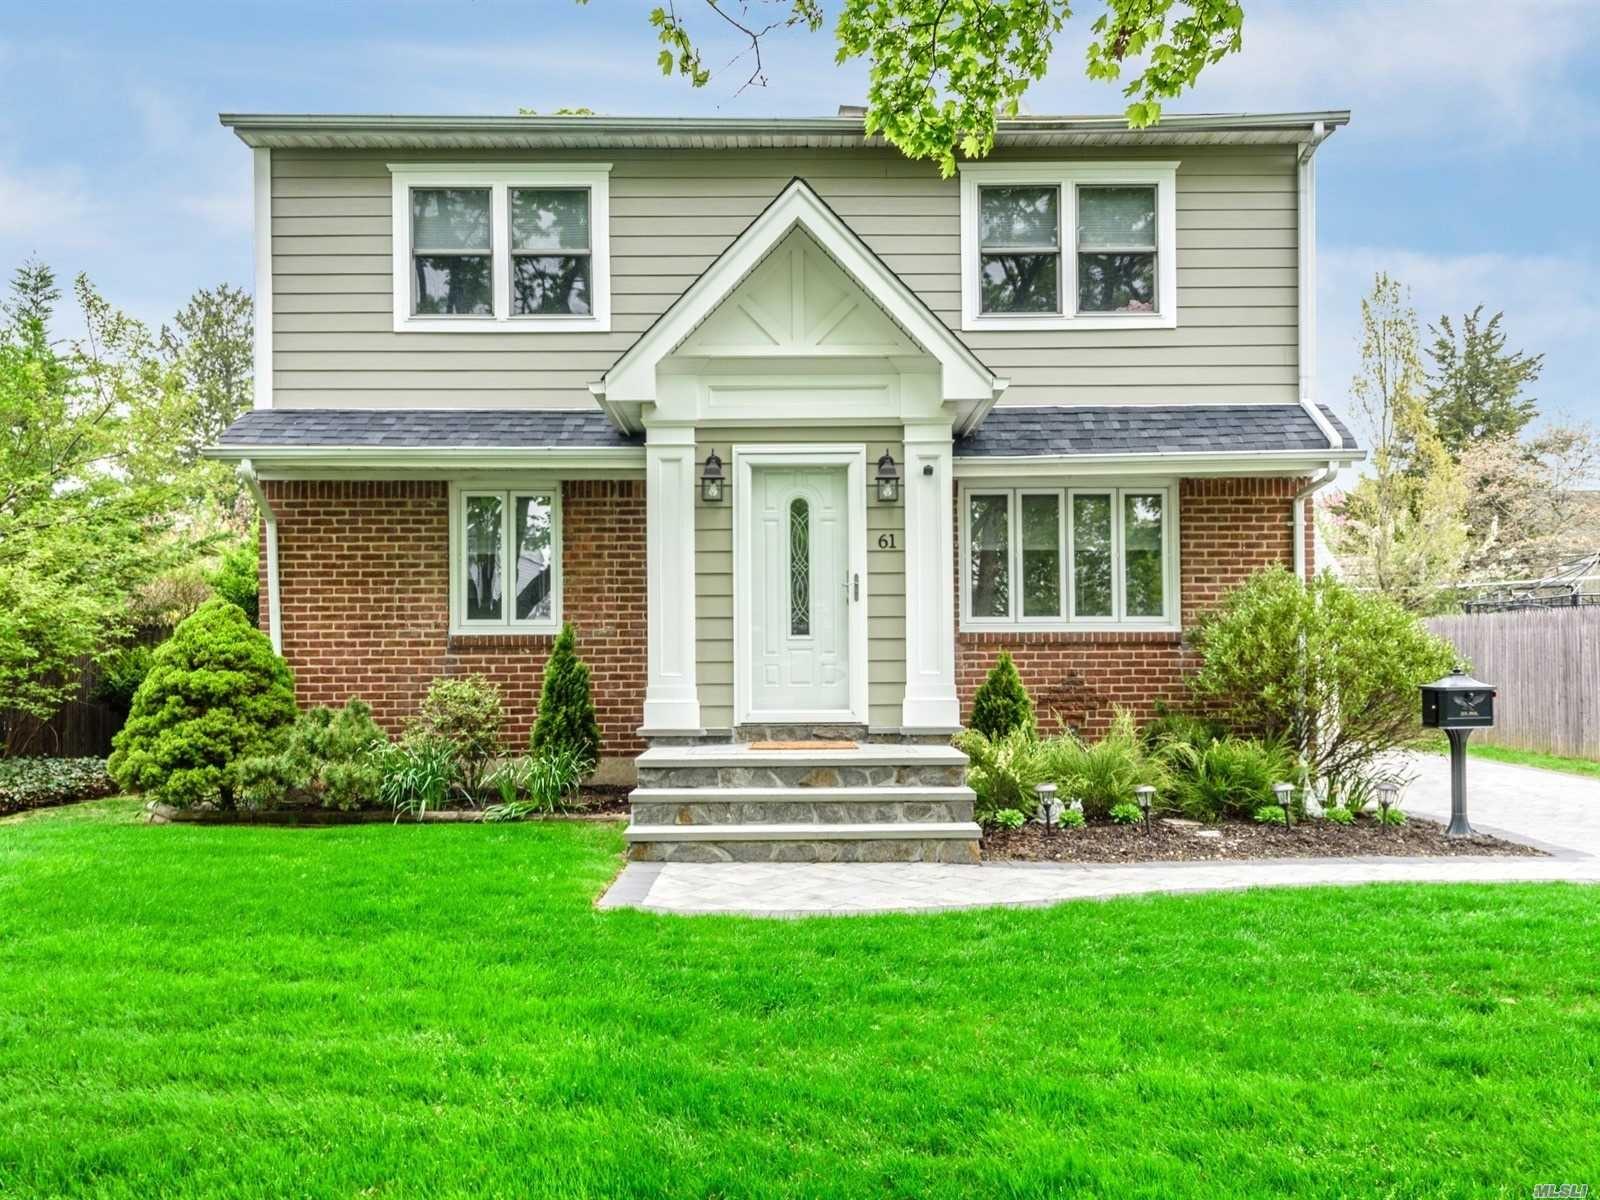 61 9th Street, Hicksville, NY 11801 - MLS#: 3223211